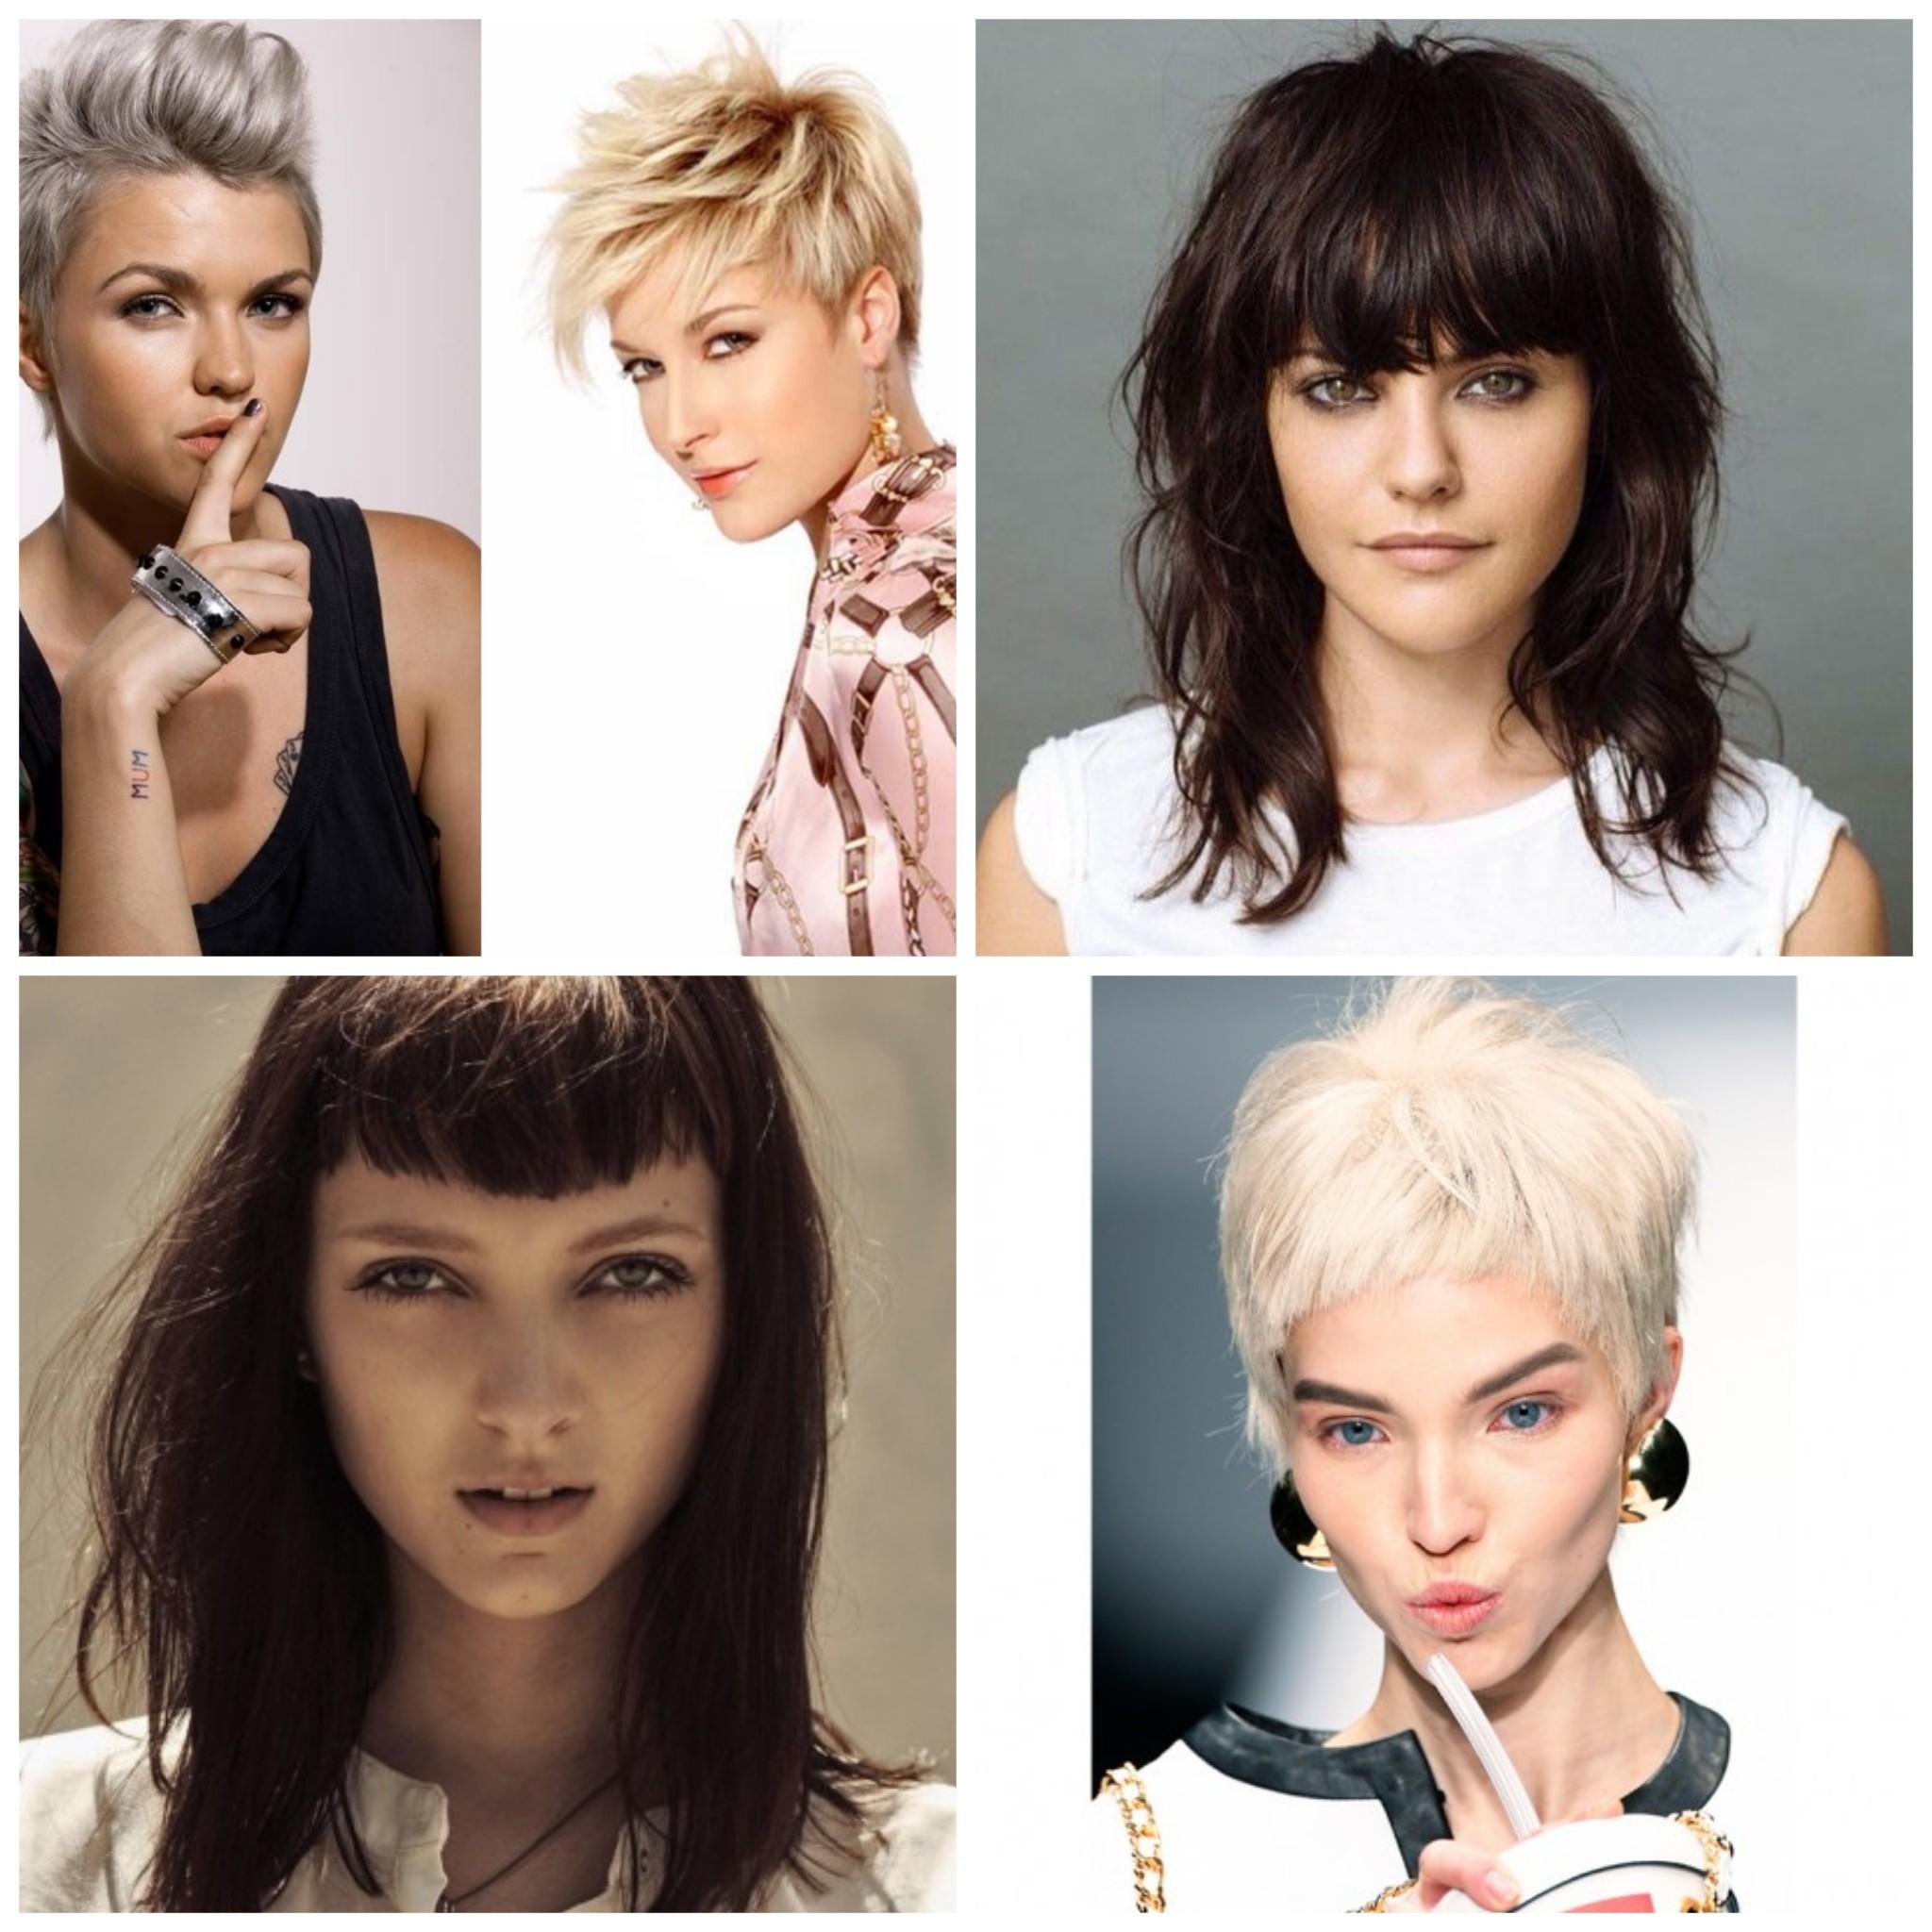 Hair styling...Taglio capelli e acconciature tendenze per la ... c2ccc81da86c